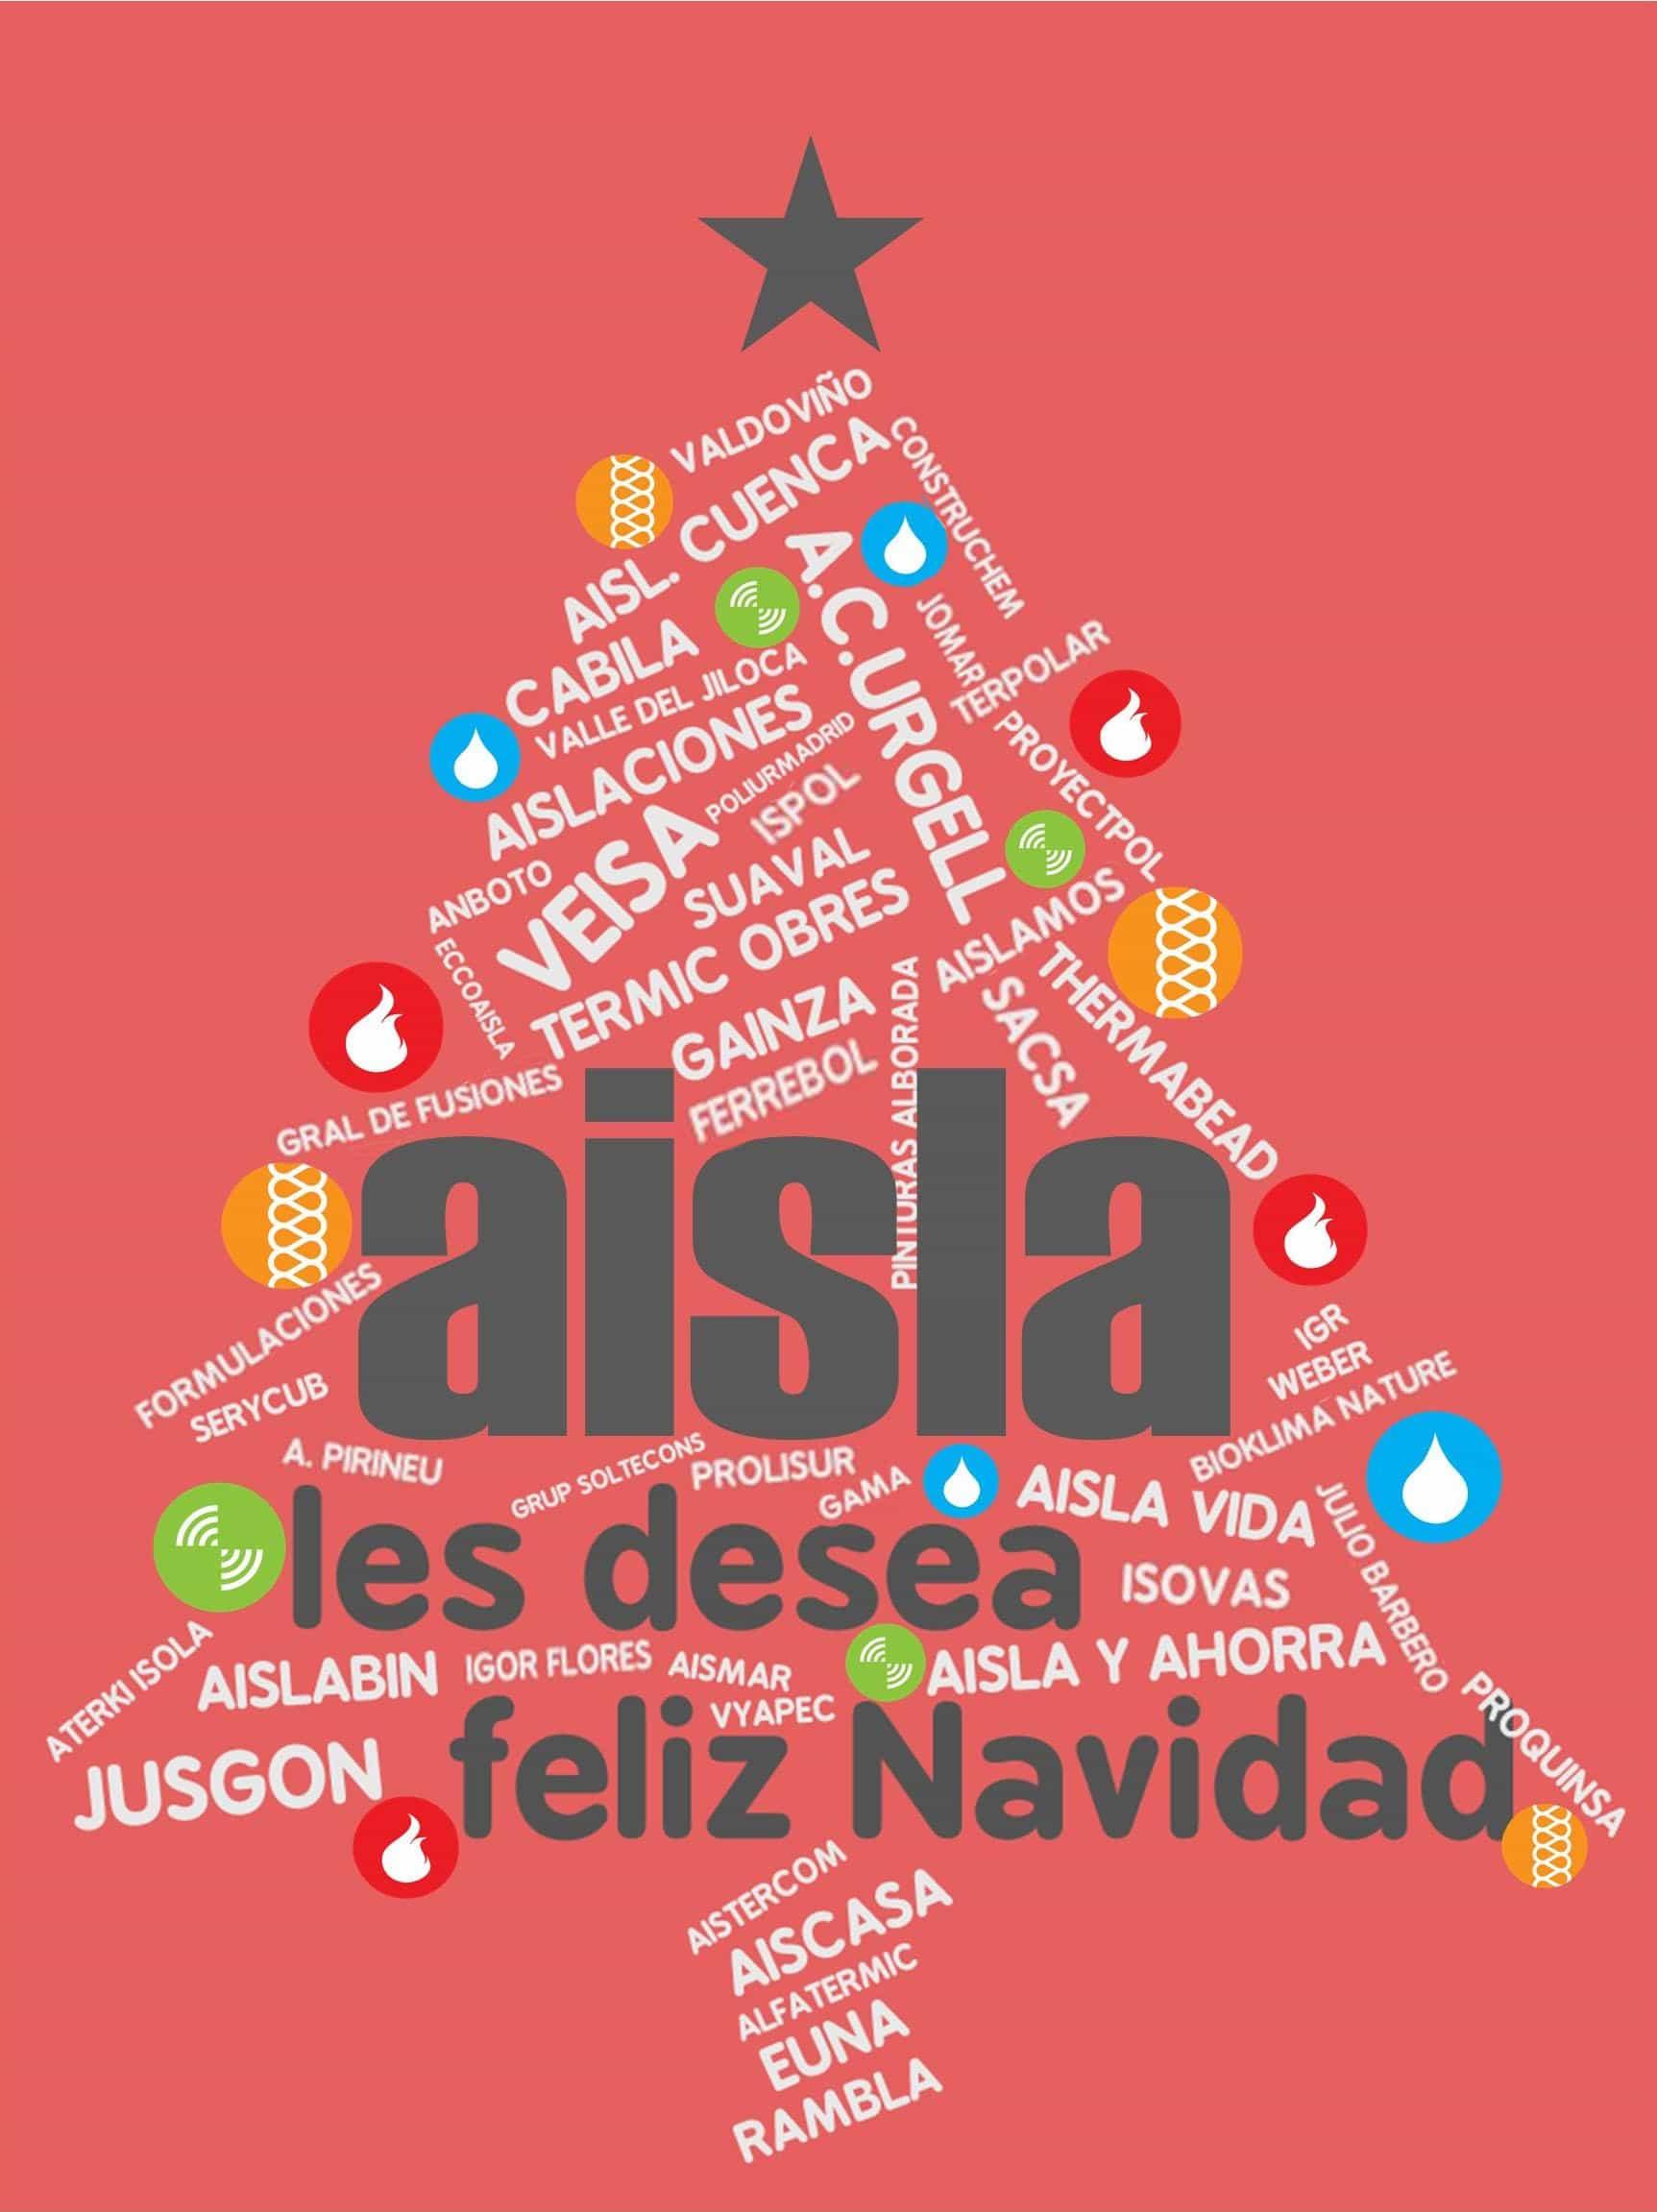 Felicitación de AISLA 15